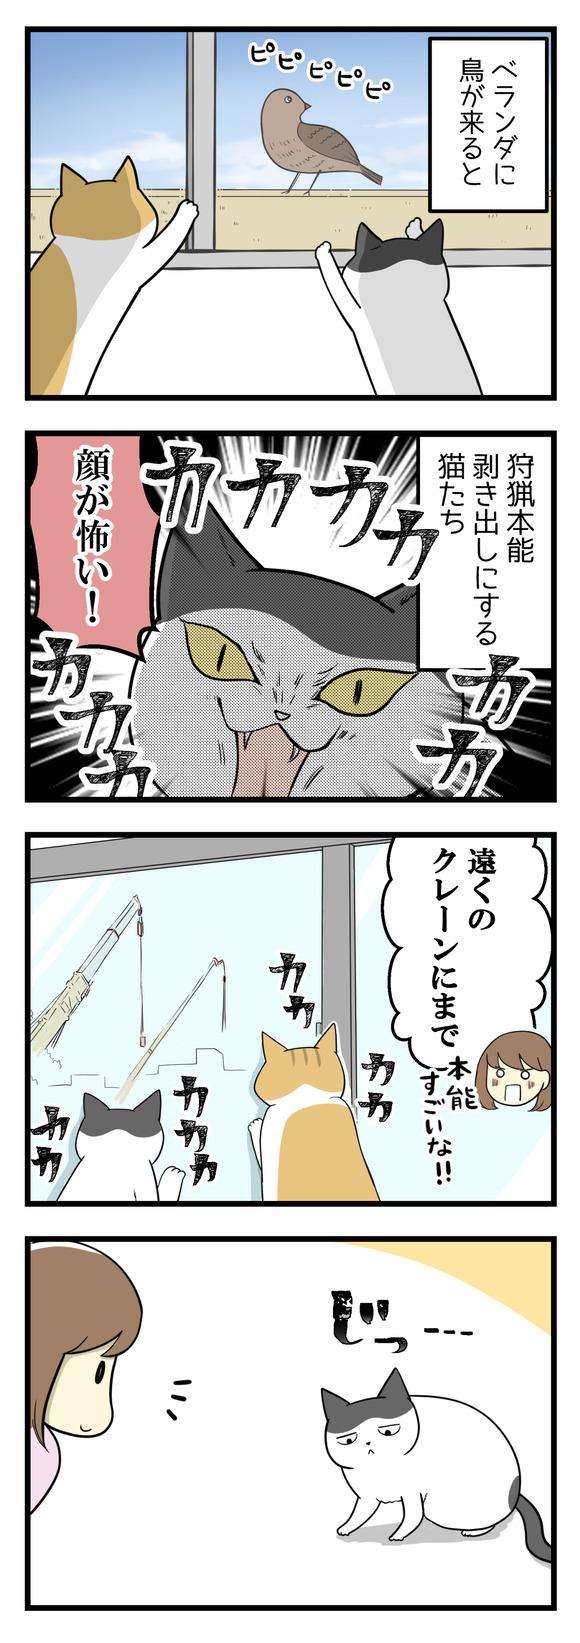 猫の本能がよくわからない!-1-